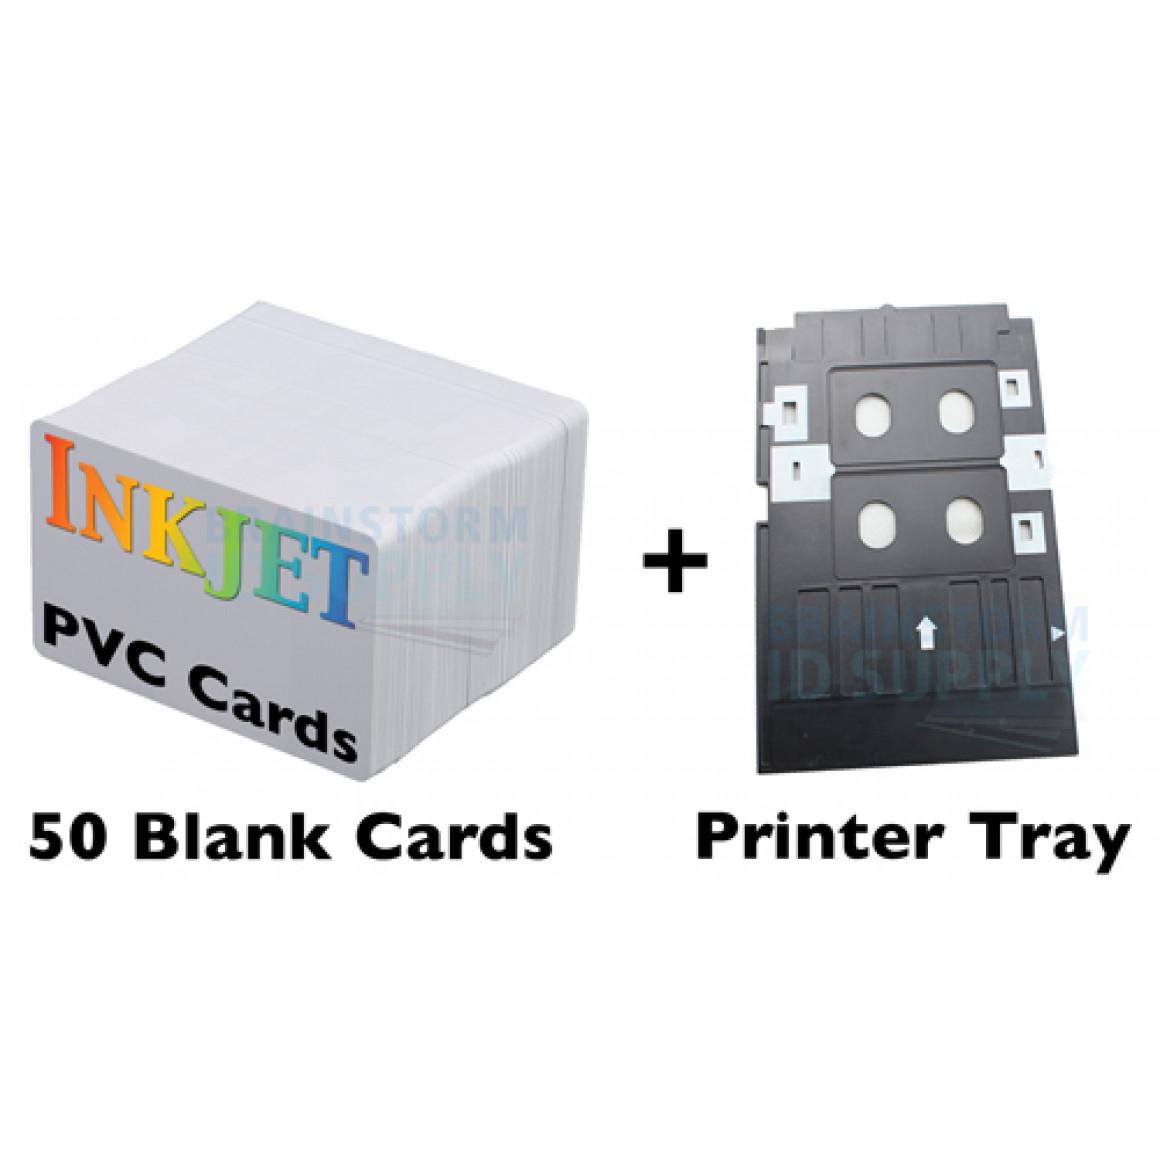 R290 R260 RX580 RX680 RX595 R380 and T50 R270 PVC ID Card Tray for Epson R280 Artisan 50 R265 P50